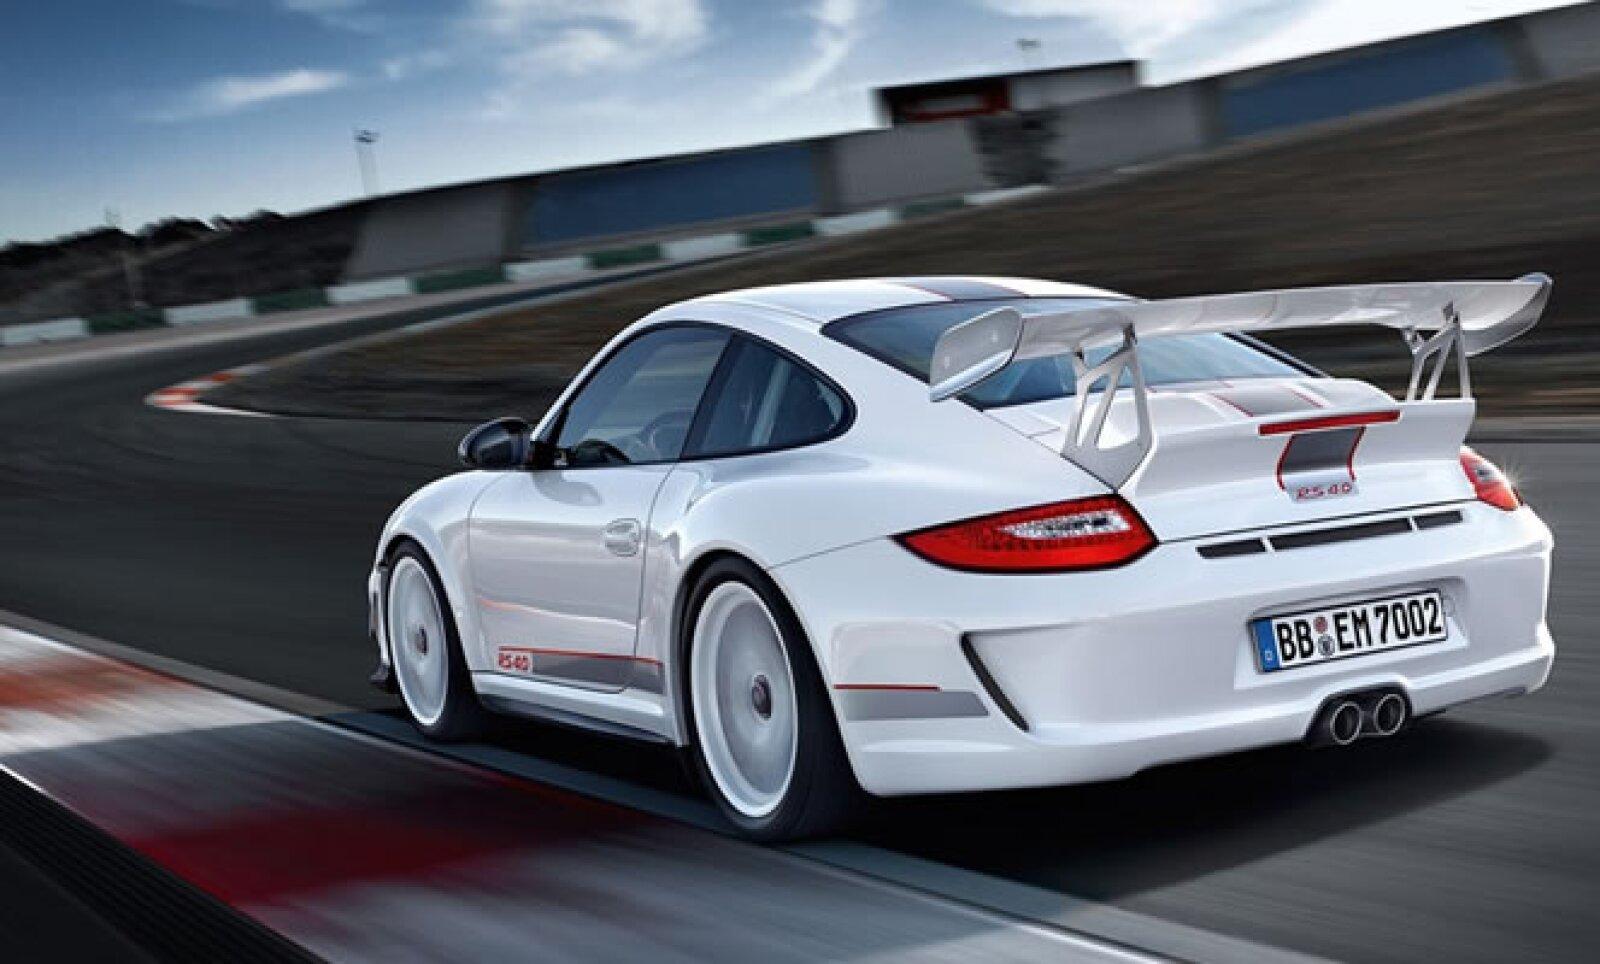 El Porsche 911 GT3 estará a la venta a finales de 2011 en Estados Unidos, a un precio sugerido de 185,000 dólares.